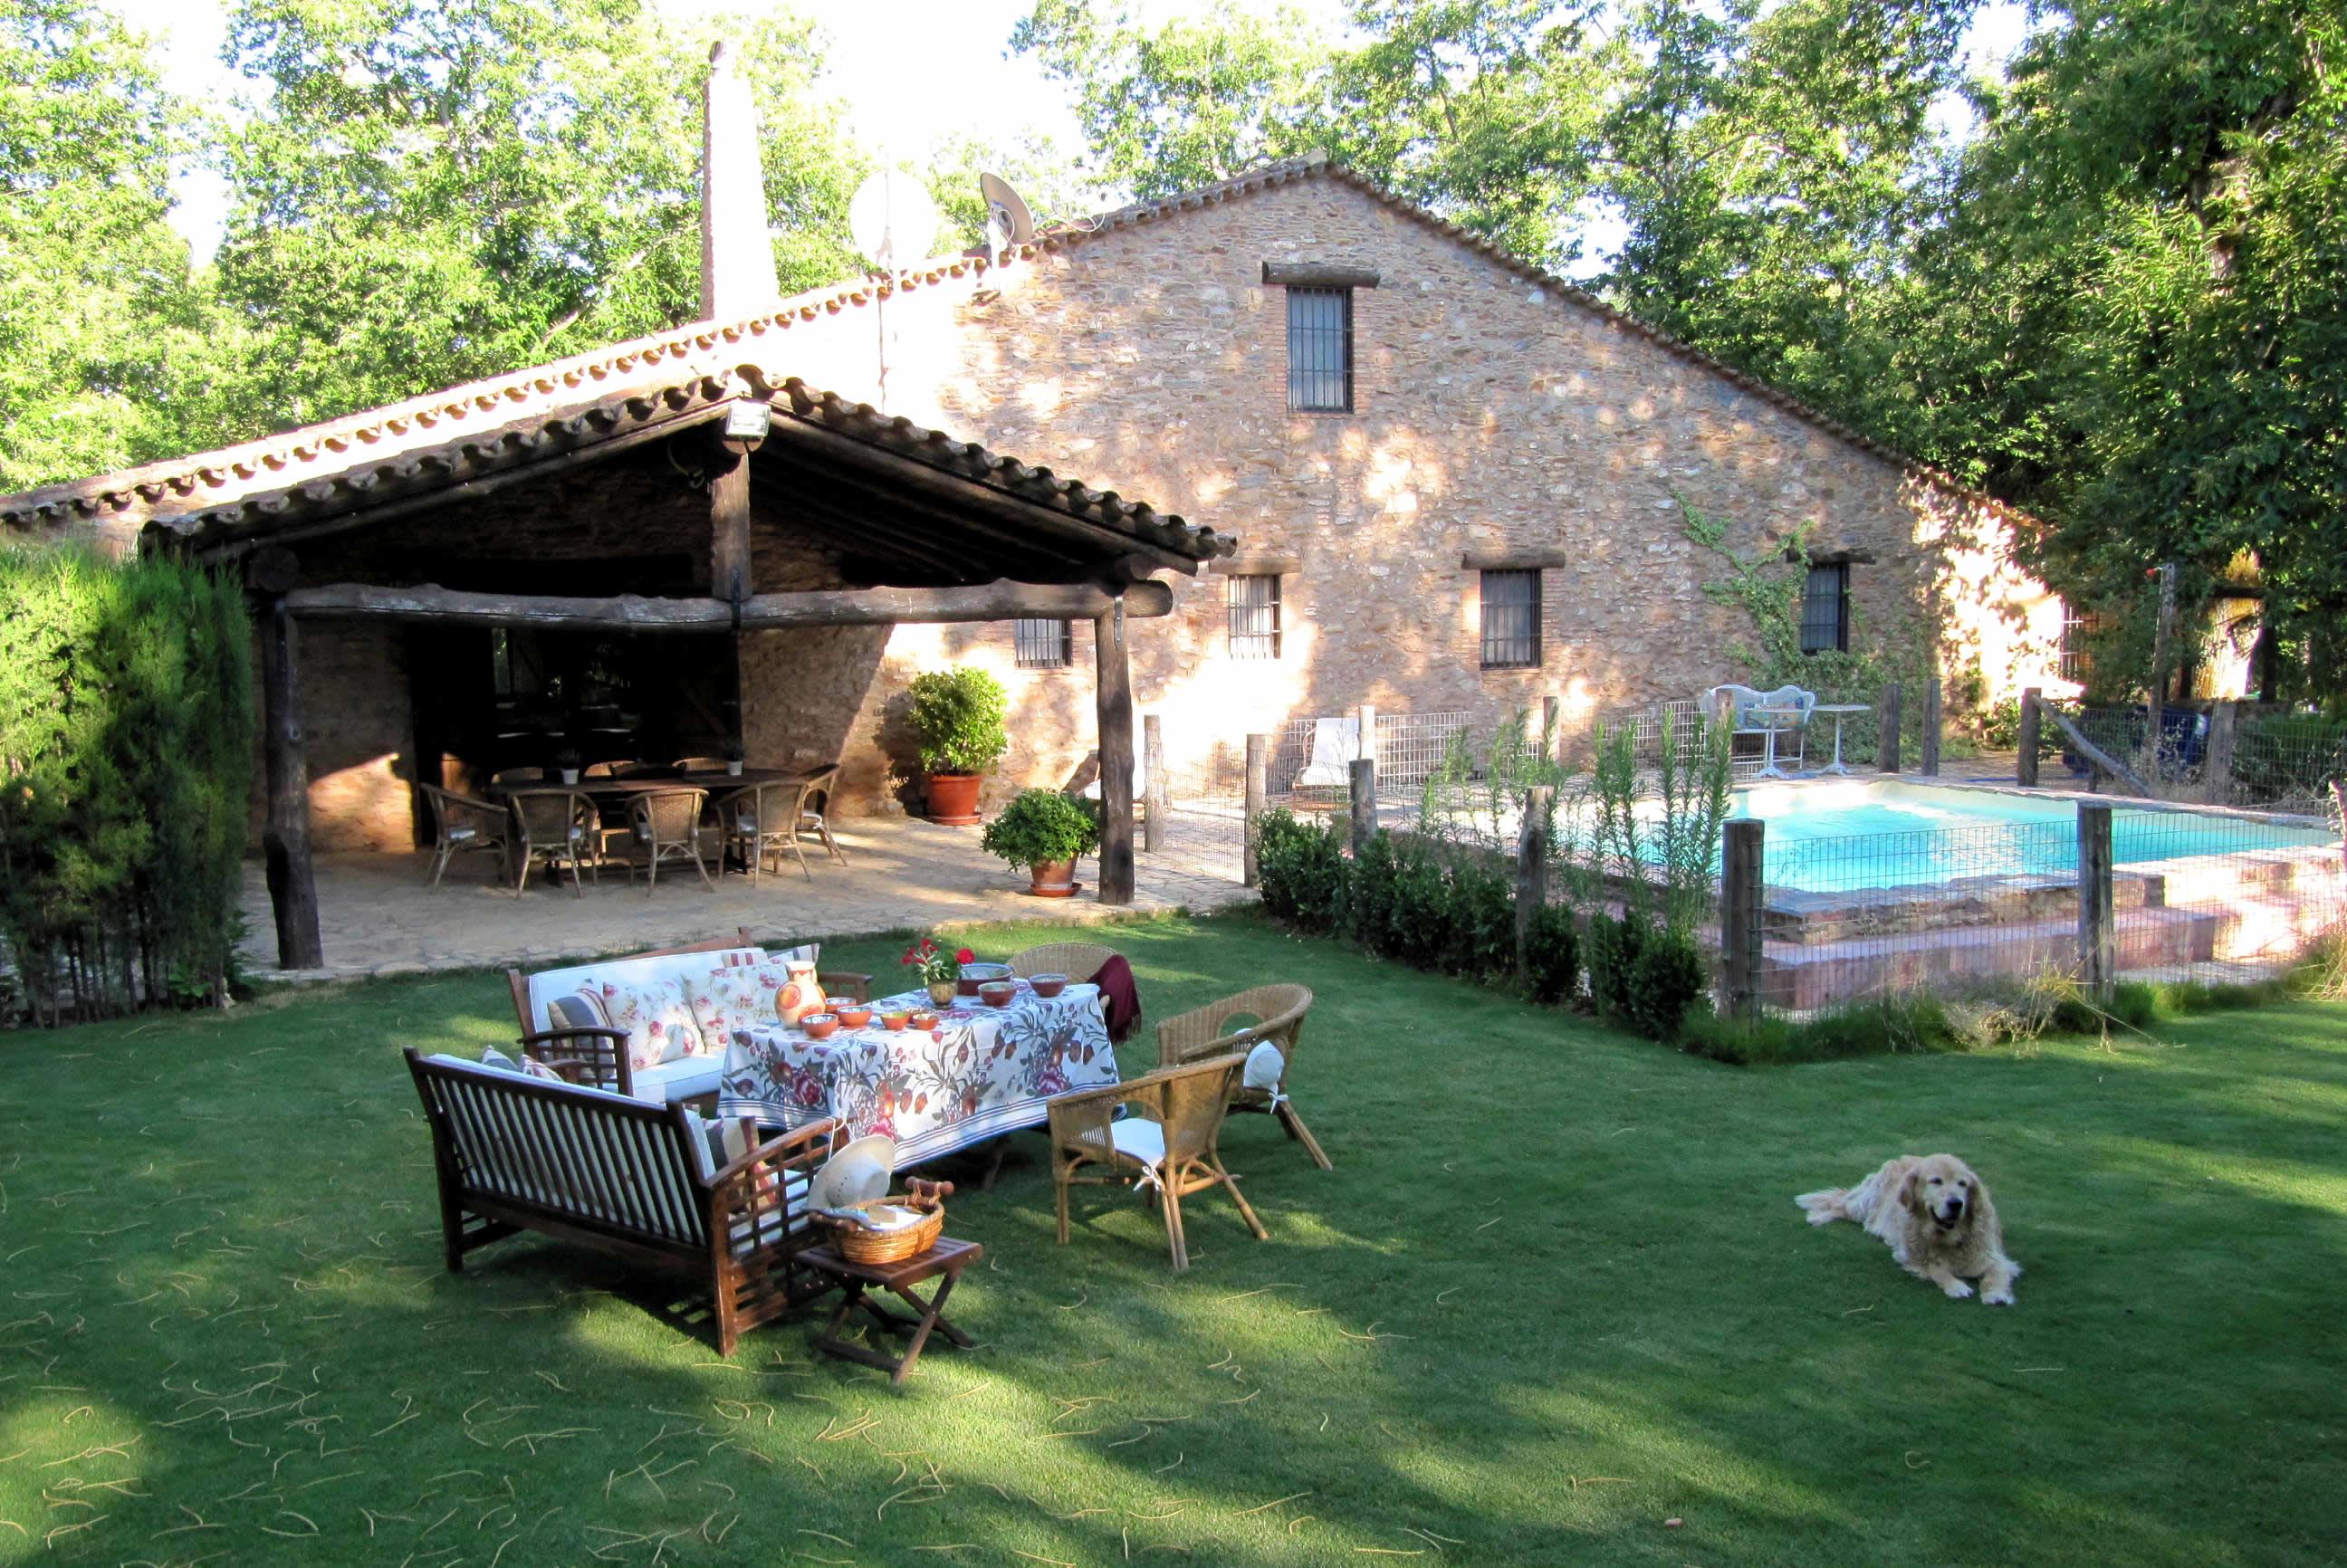 Las 10 casas rurales con m s y mejores opiniones de los - Fotos casas rurales con encanto ...